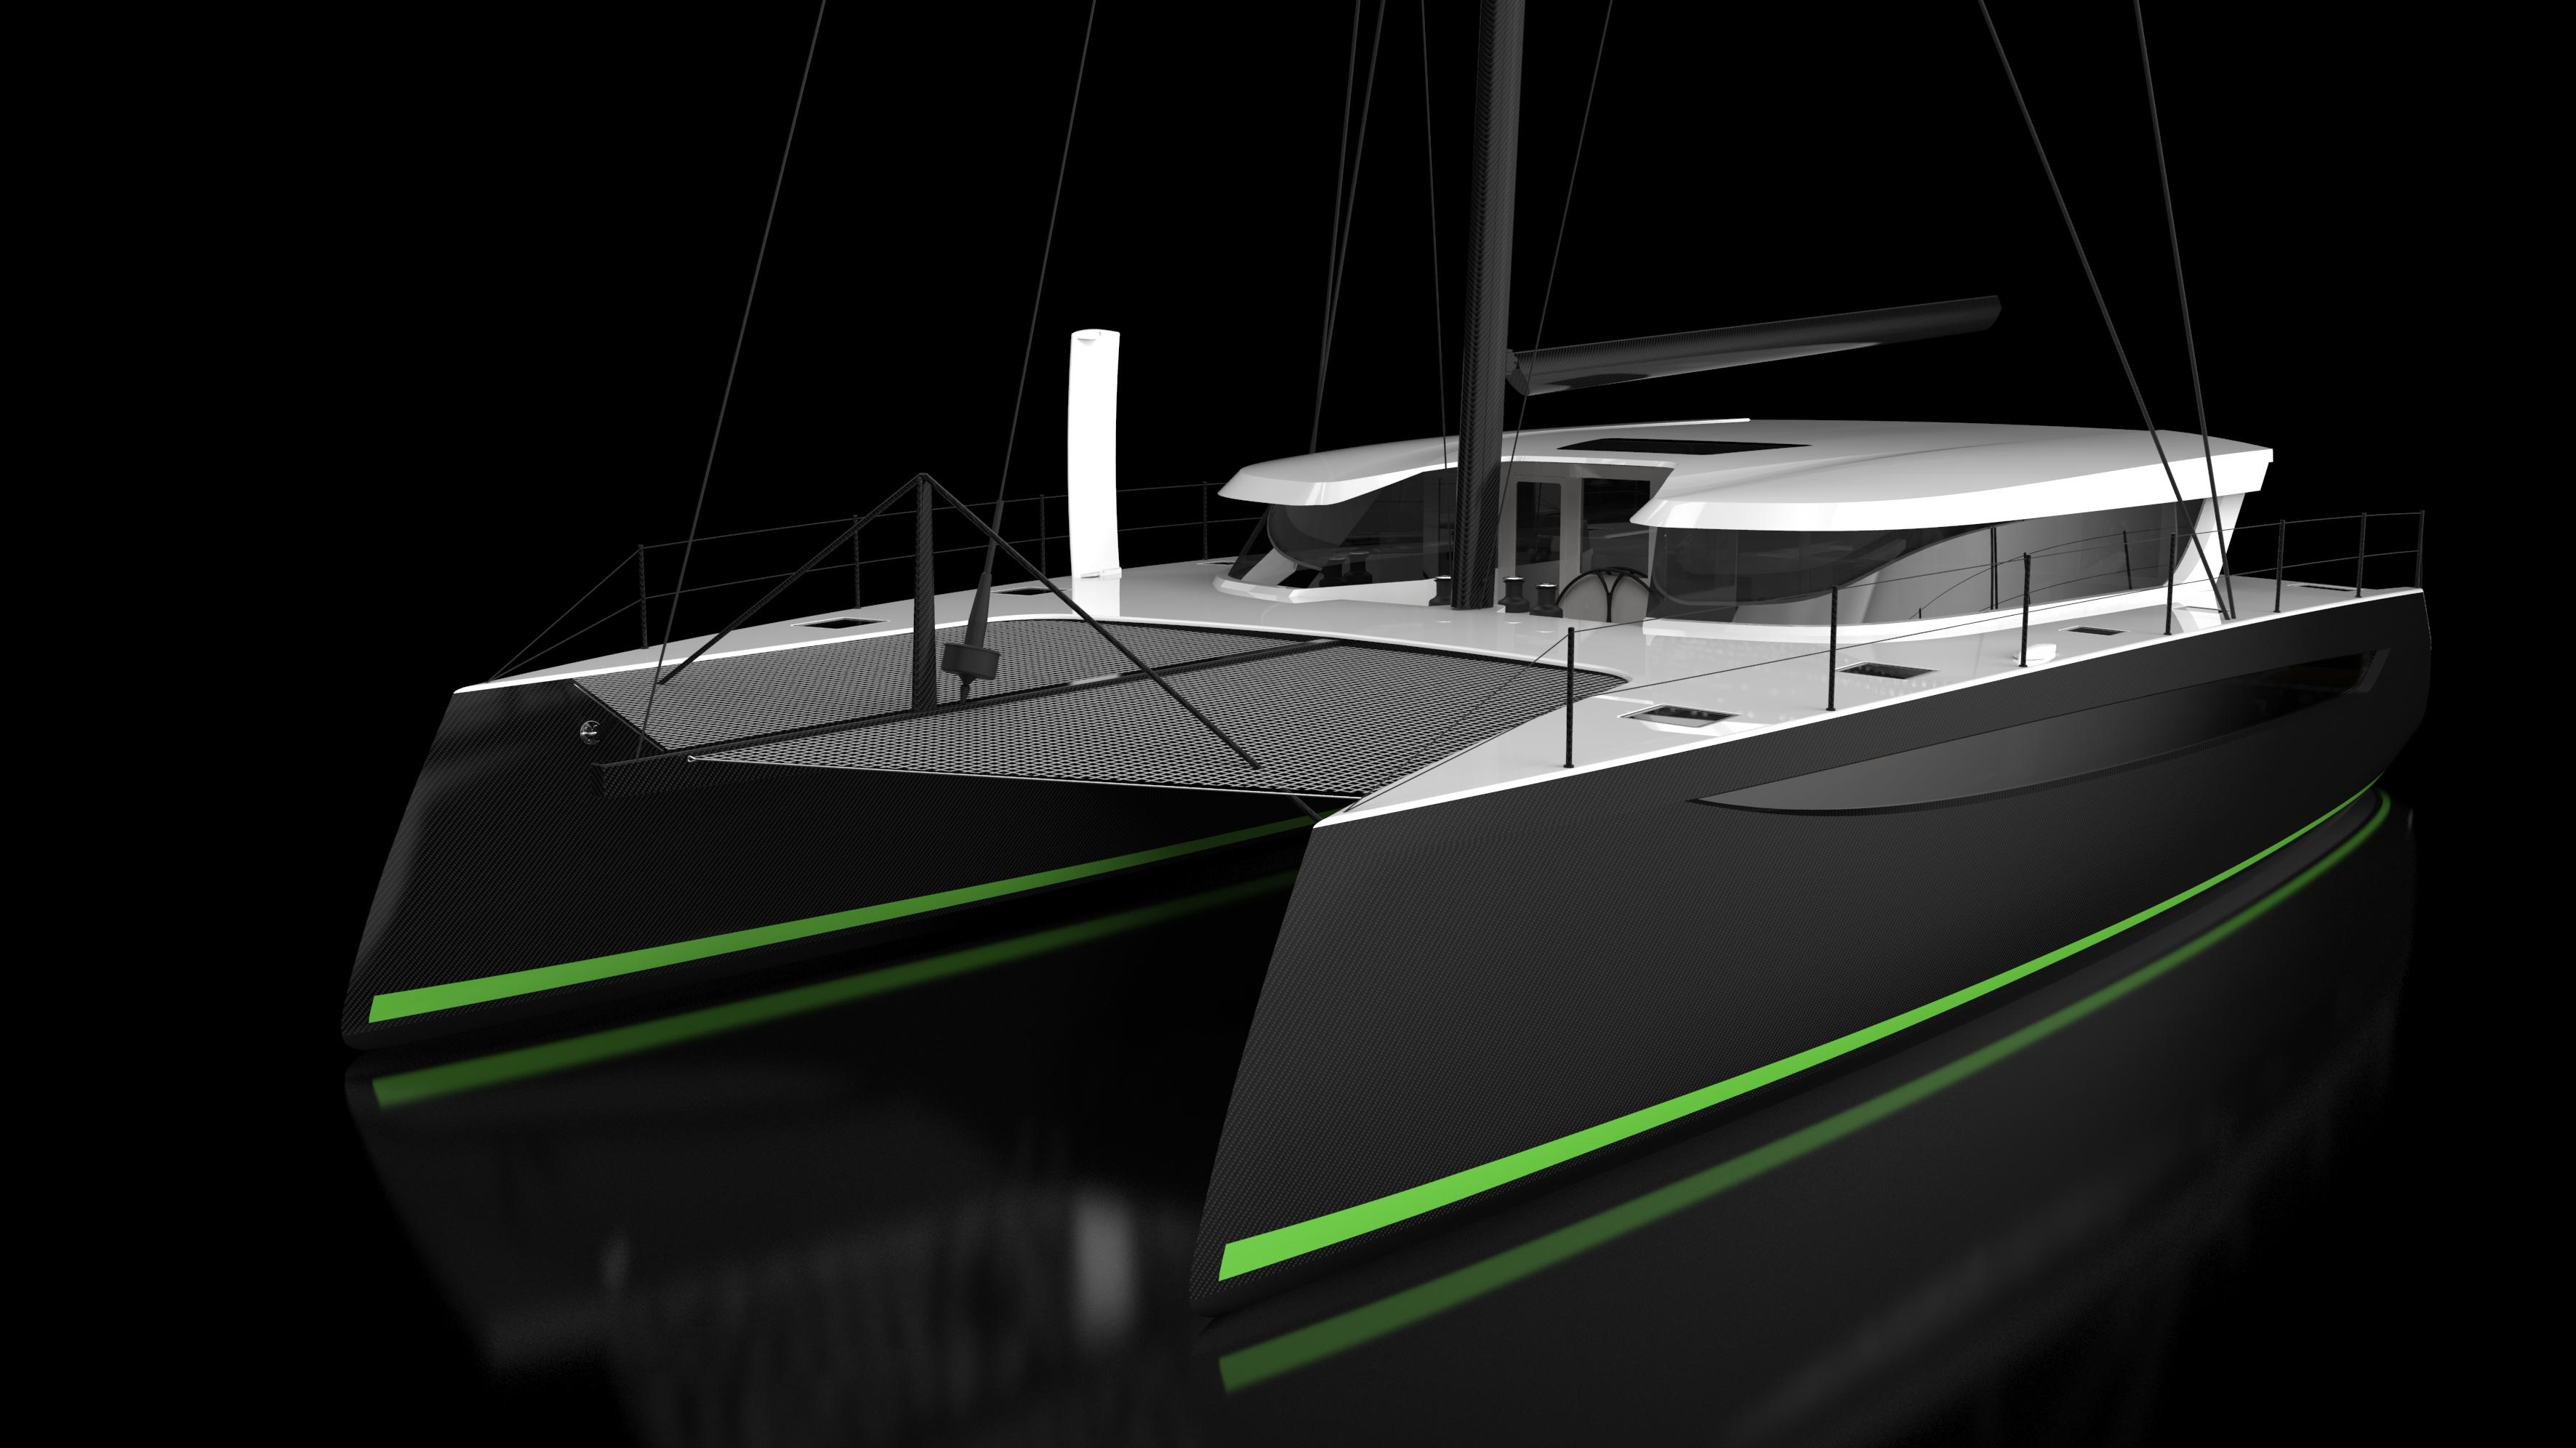 Buy HH55 Catamaran